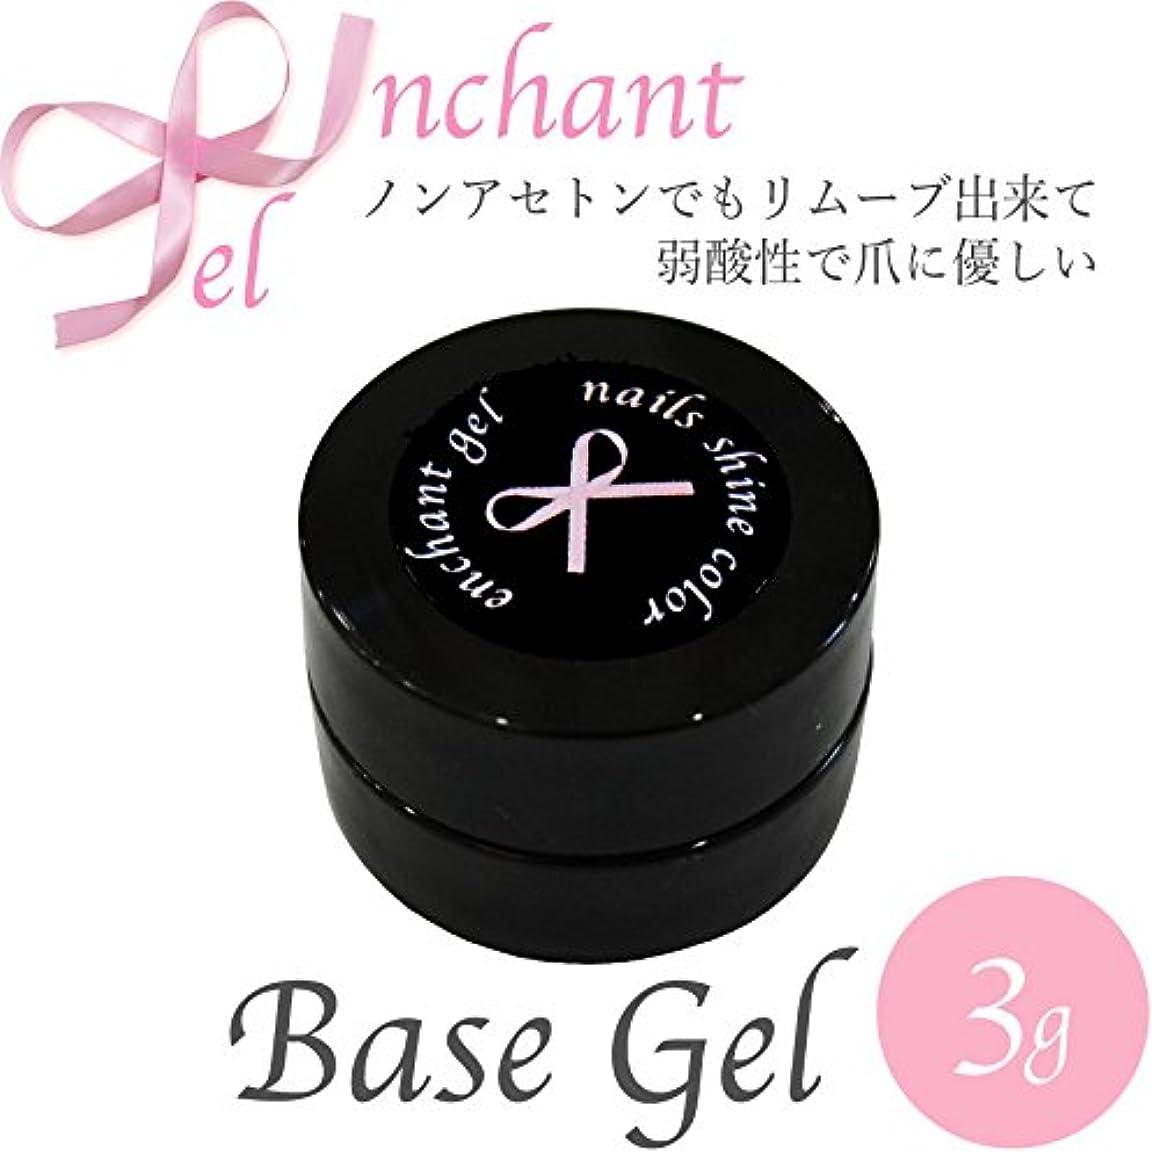 ささいなと遊ぶ輝度enchant gel clear base gel 3g/エンチャントジェル クリアーベースジェル 3グラム